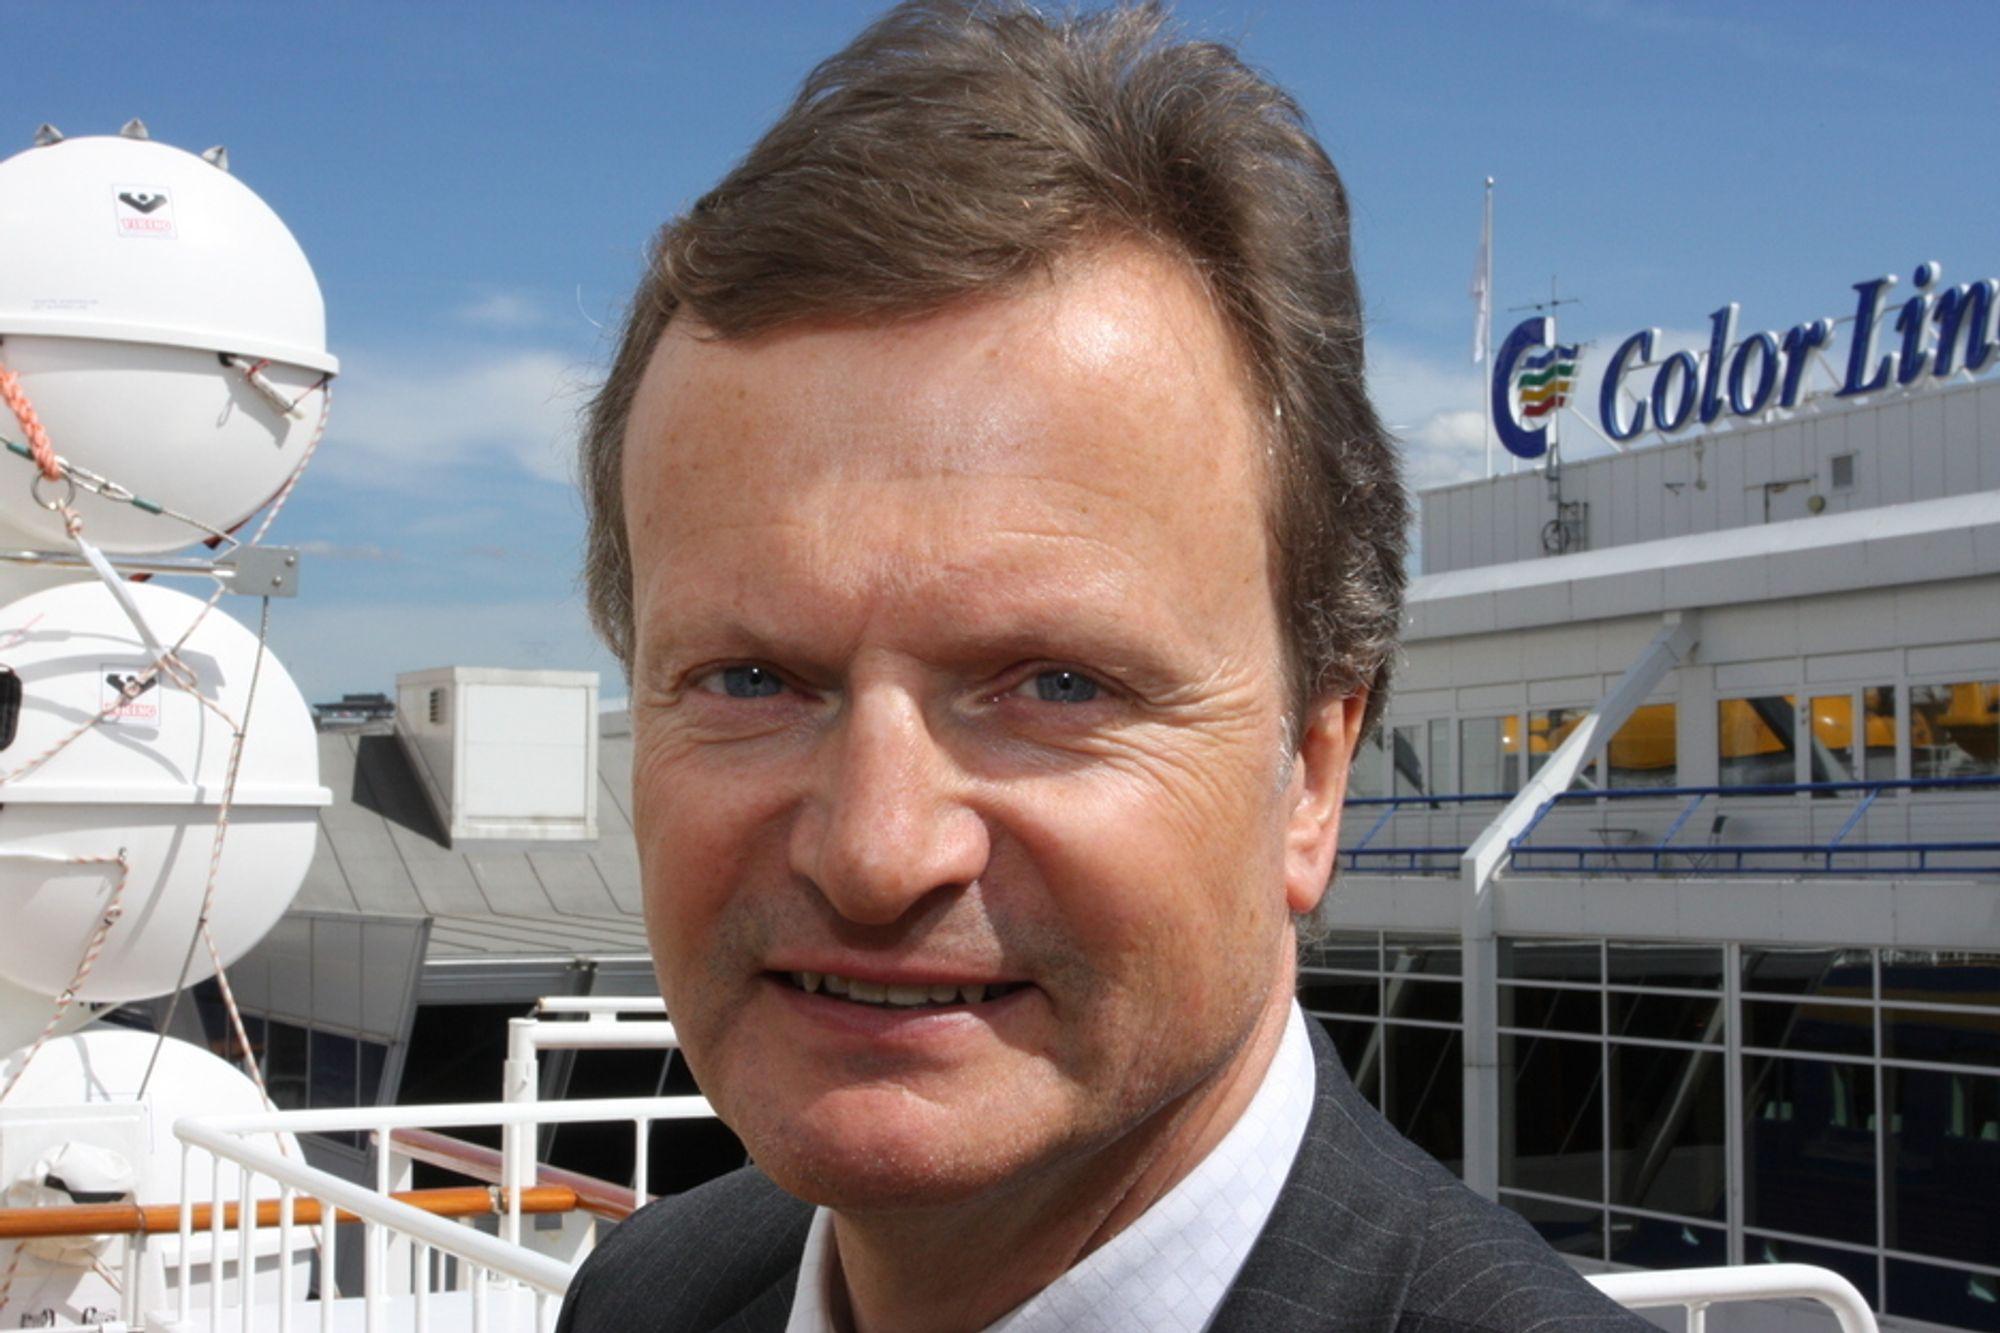 PÅ DYPT VANN: Telenors konserndirektør Jon Fredrik Baksaas kommenterte Bangladesh-skandalen under åpningen på bransjetreffet Telecruise.